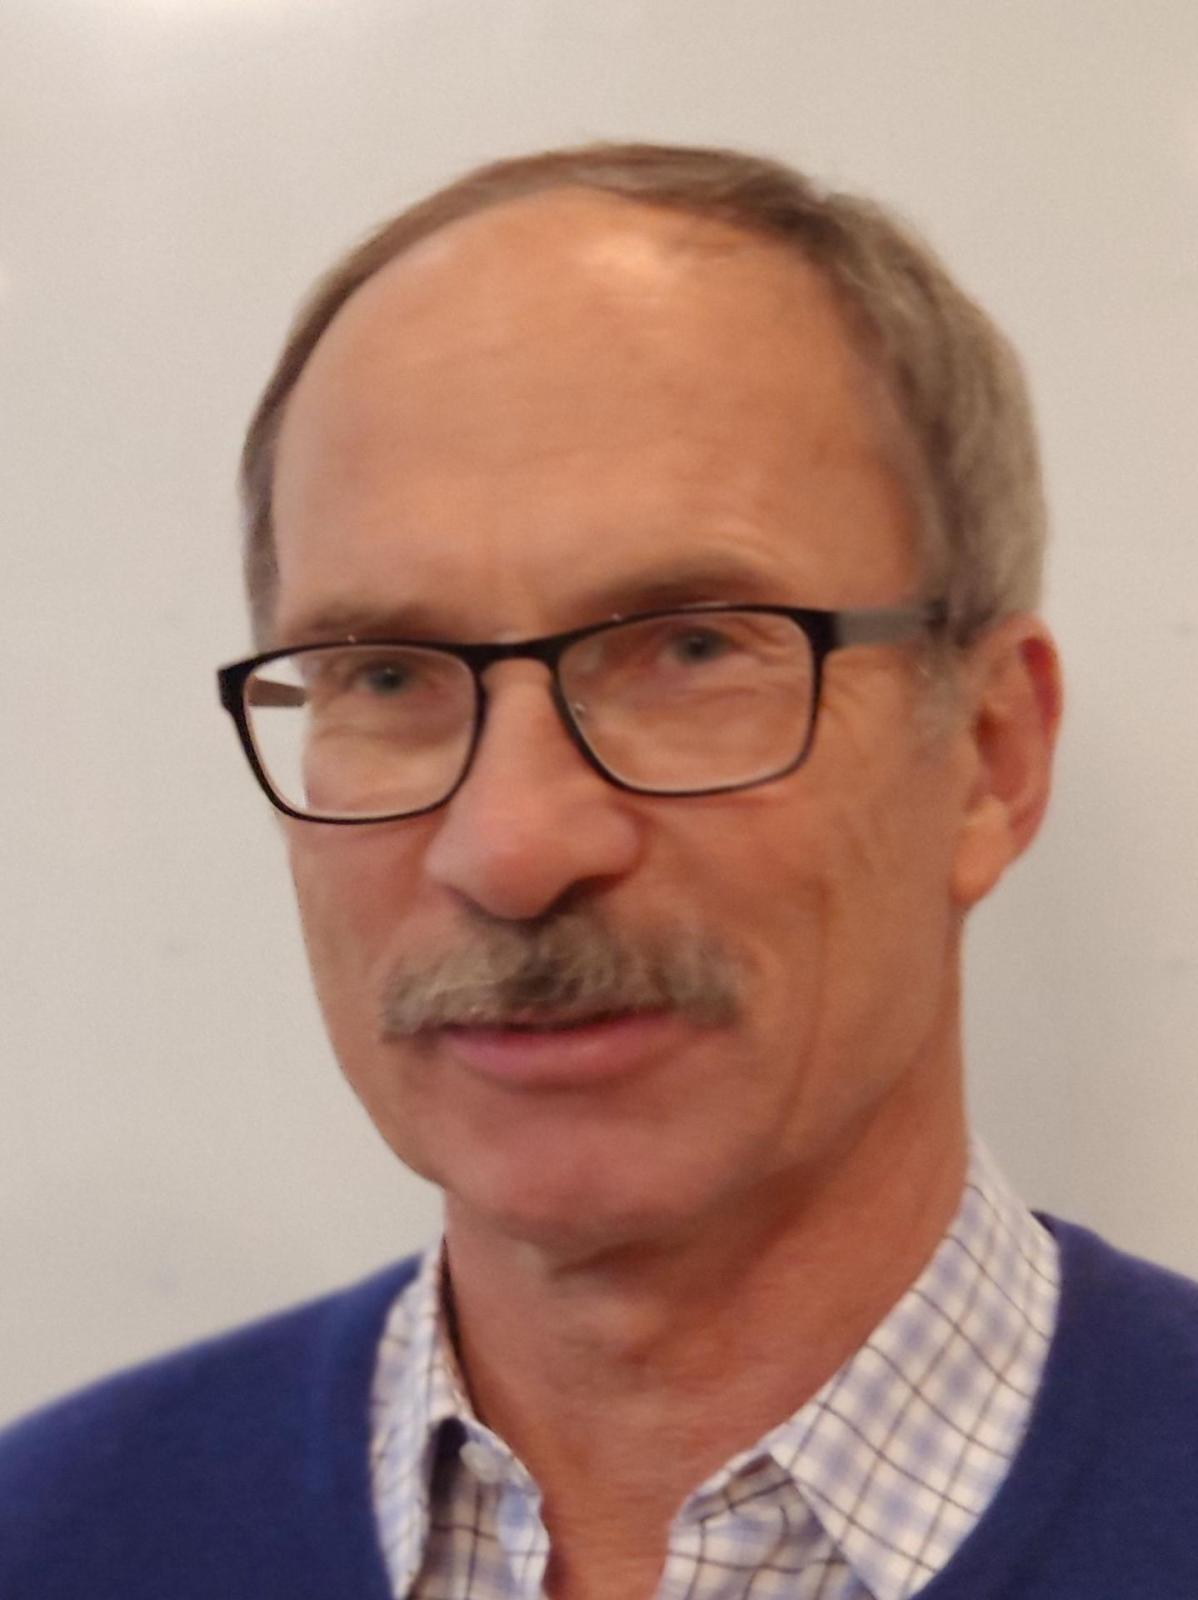 Heiko Schmietendorf